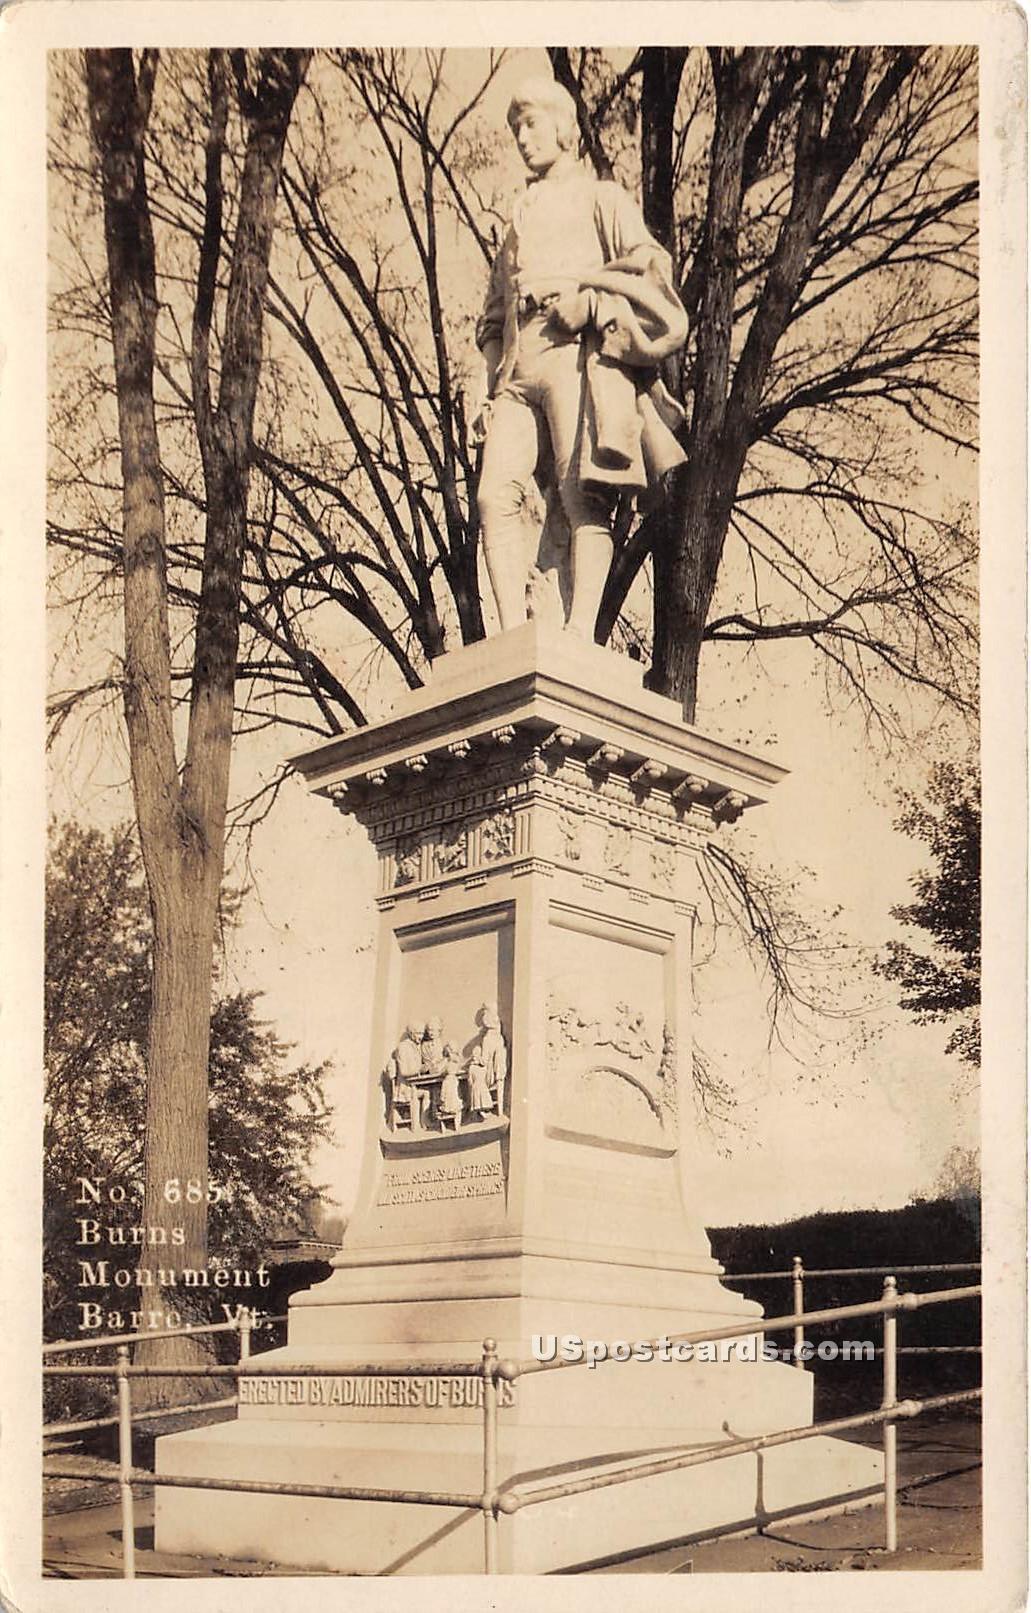 Burns Monument - Barre, Vermont VT Postcard